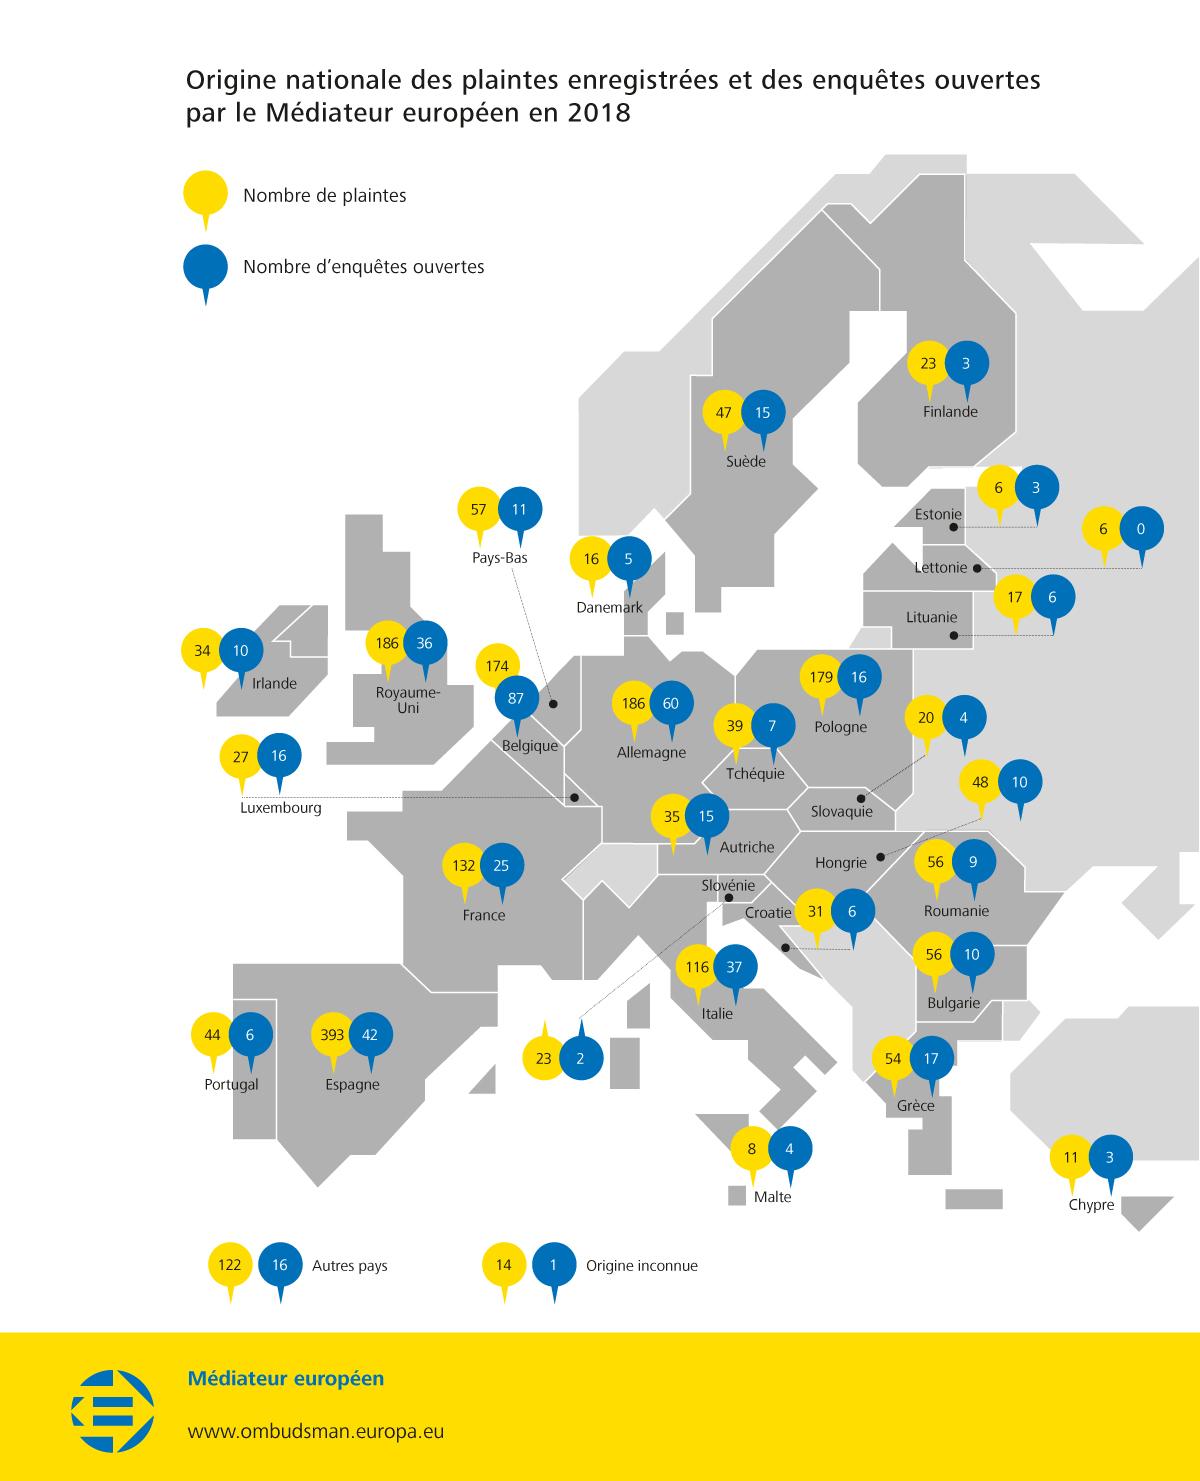 Origine nationale des plaintes enregistrées et des enquêtes ouvertes par le Médiateur européen en 2018